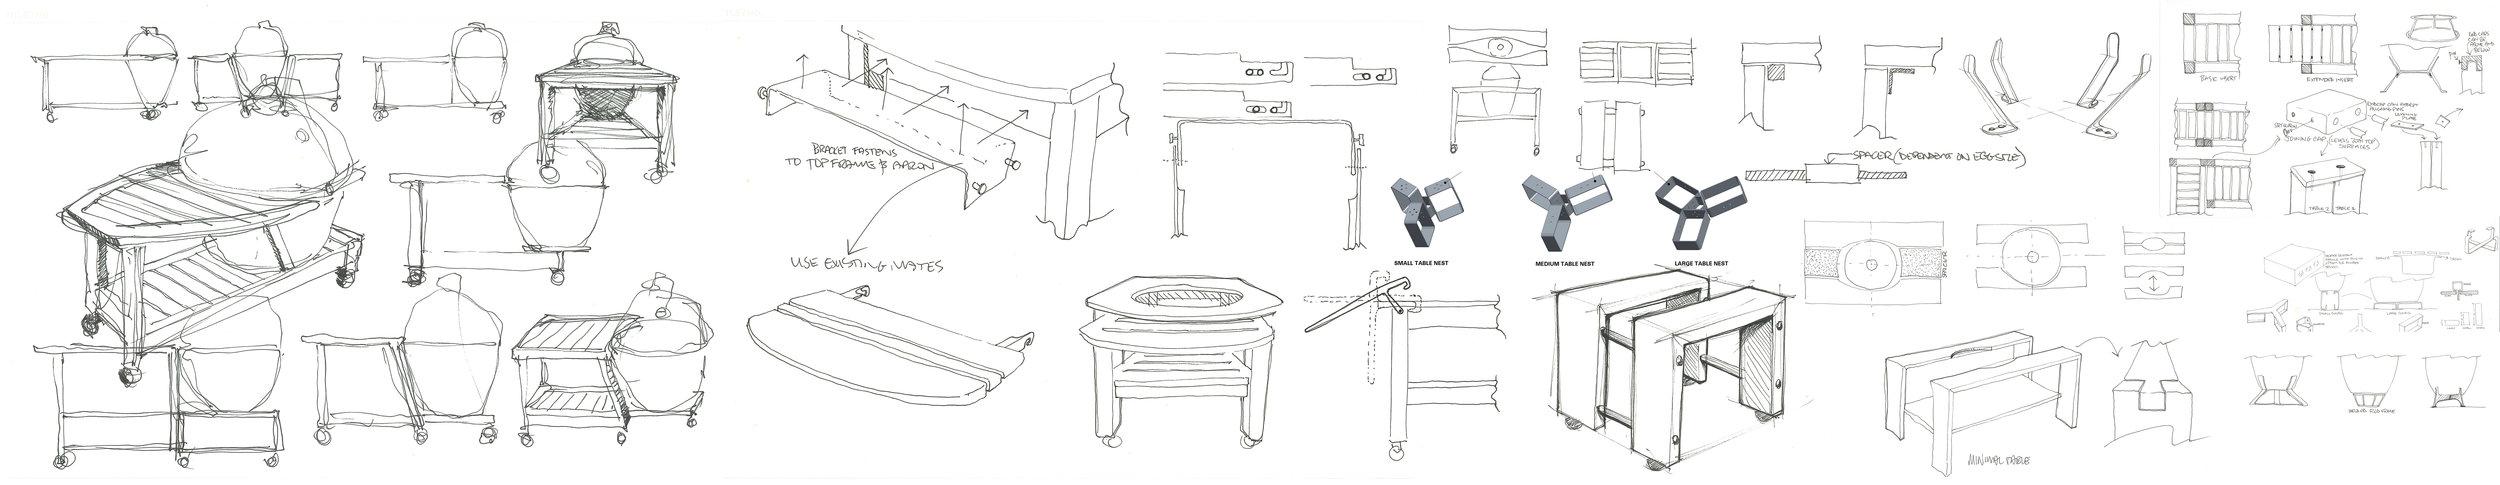 acacia sketch sequence.jpg